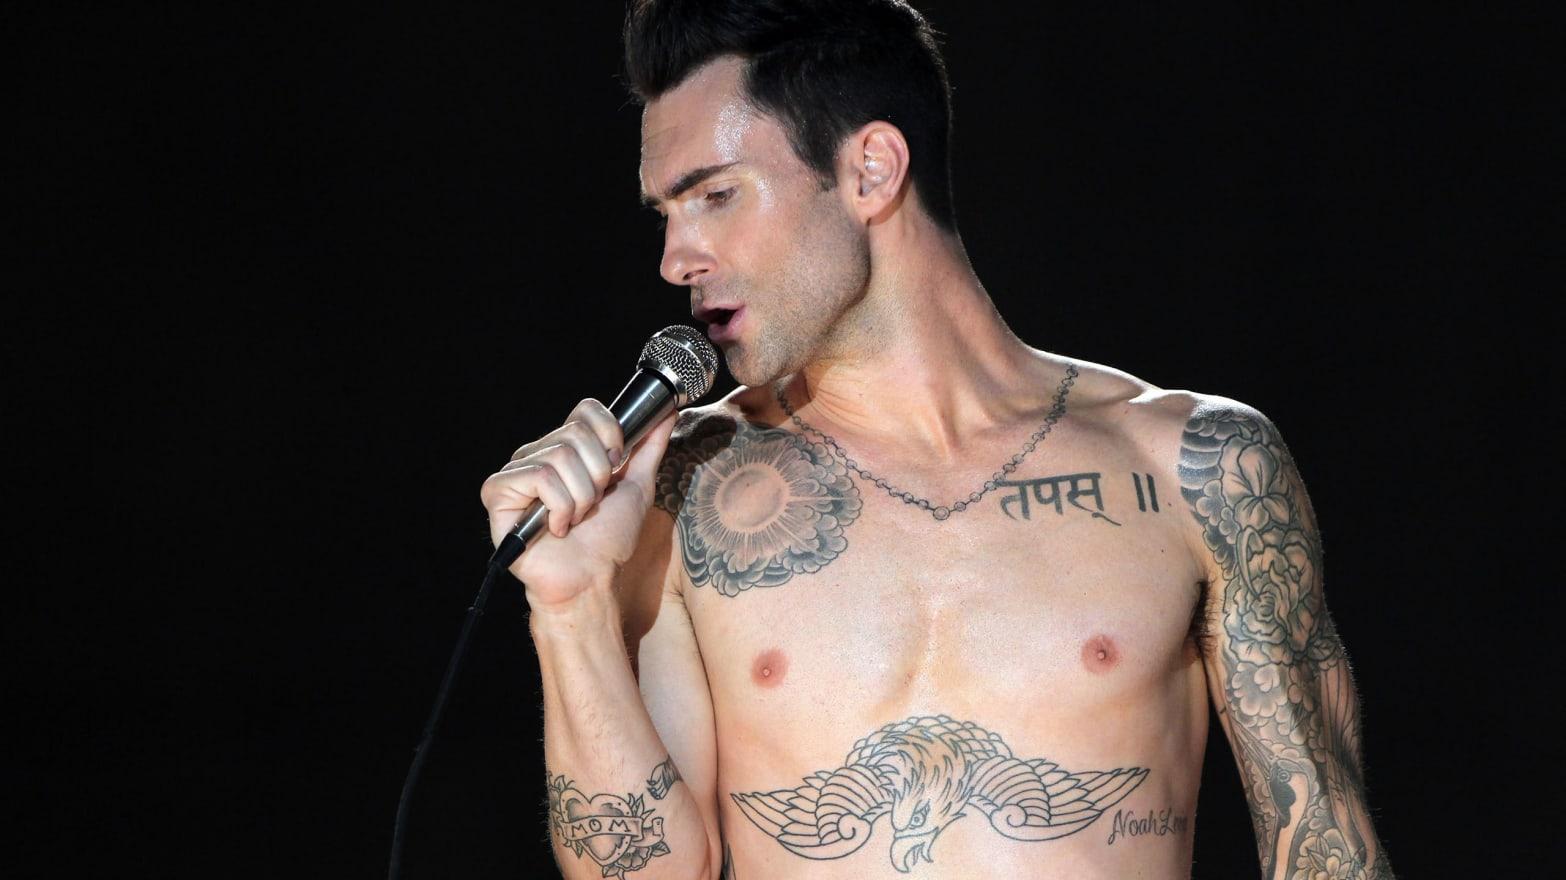 Adam levine nude Nude Photos